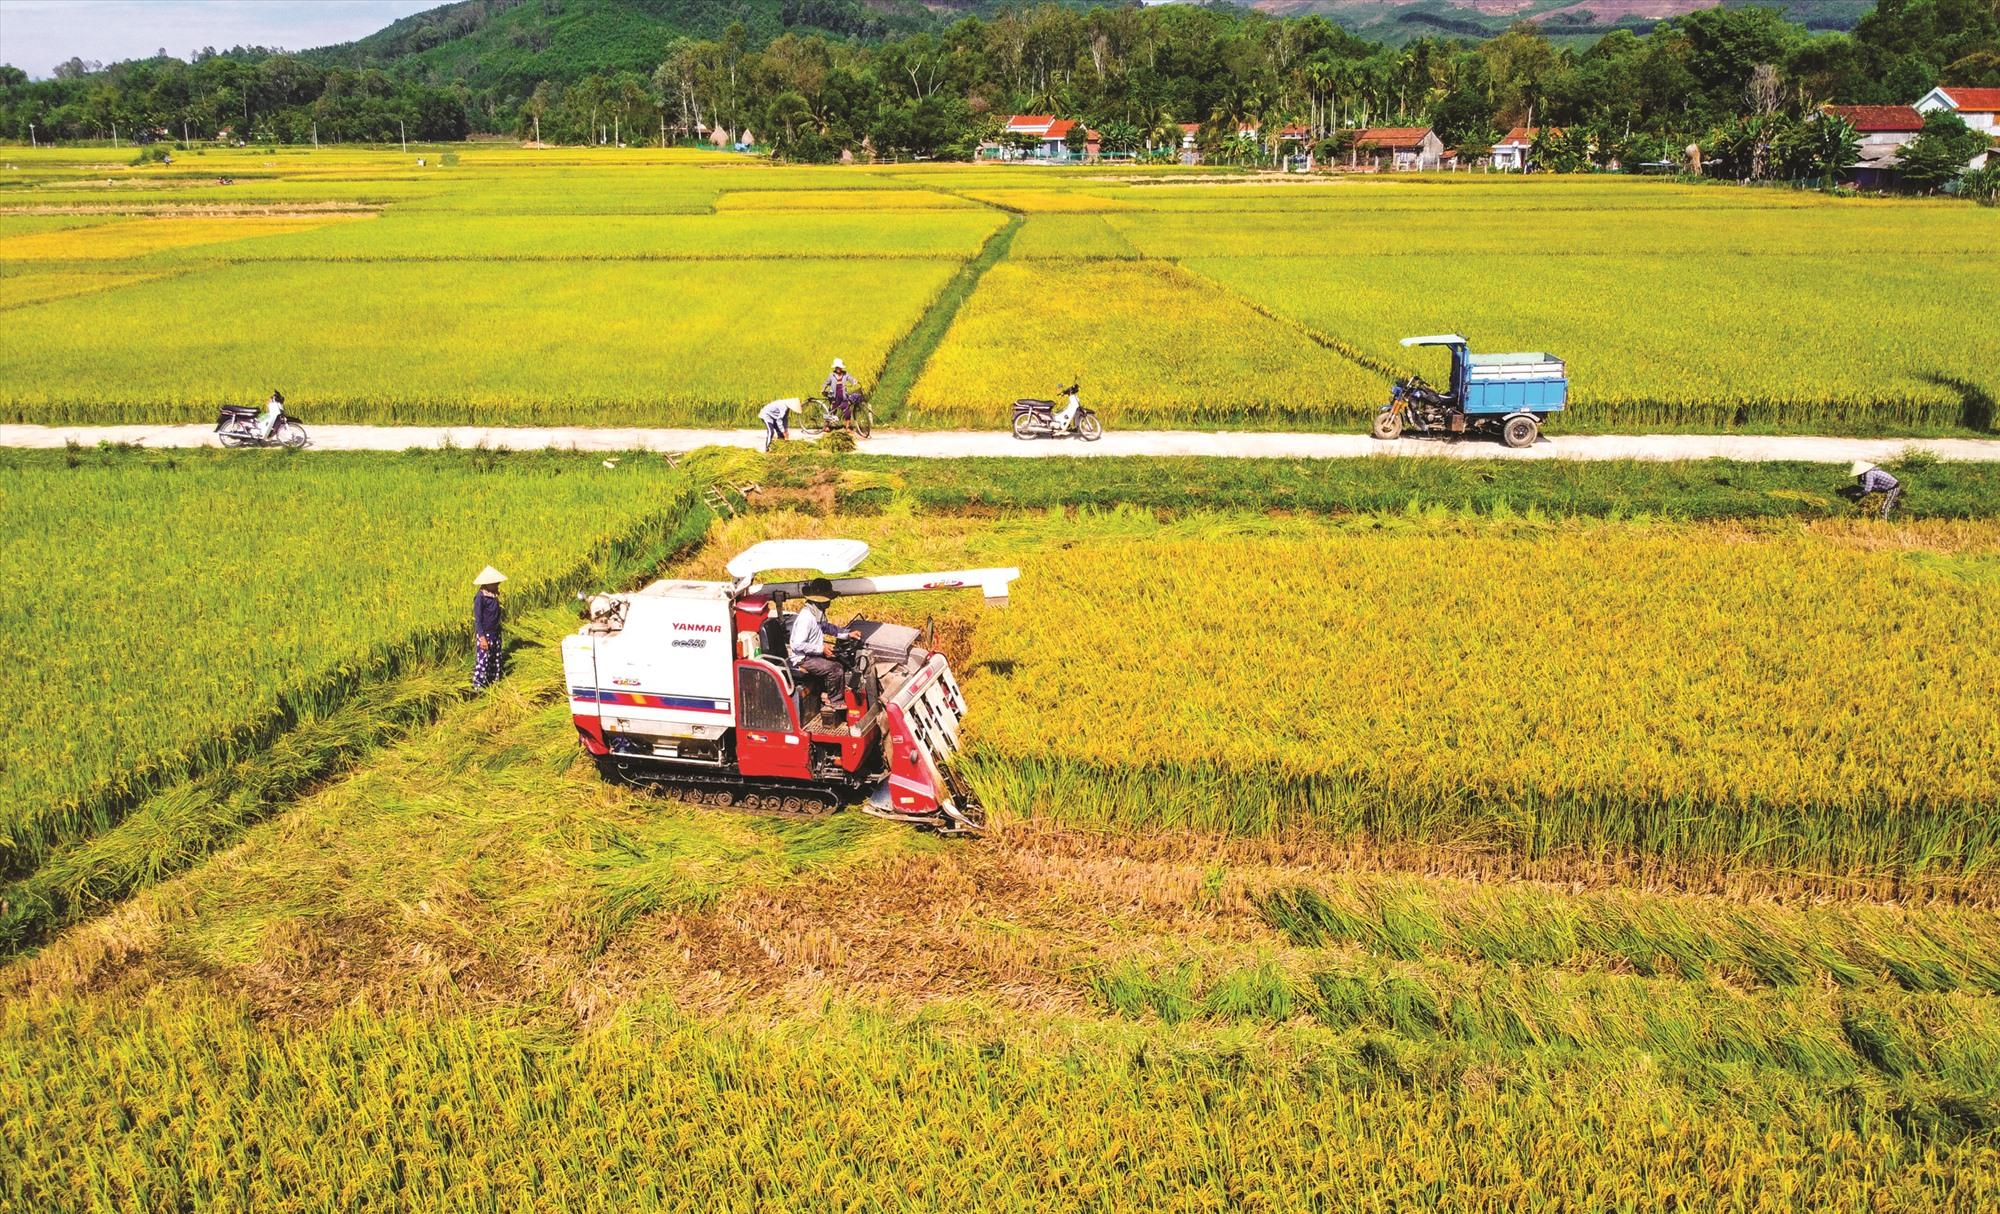 Ngoài việc tăng năng suất, ngành nông nghiệp Quảng Nam cần tính toán việc nâng cao chất lượng sản phẩm. TRONG ẢNH: Nông dân Phú Ninh thu hoạch lúa. Ảnh: PHƯƠNG THẢO